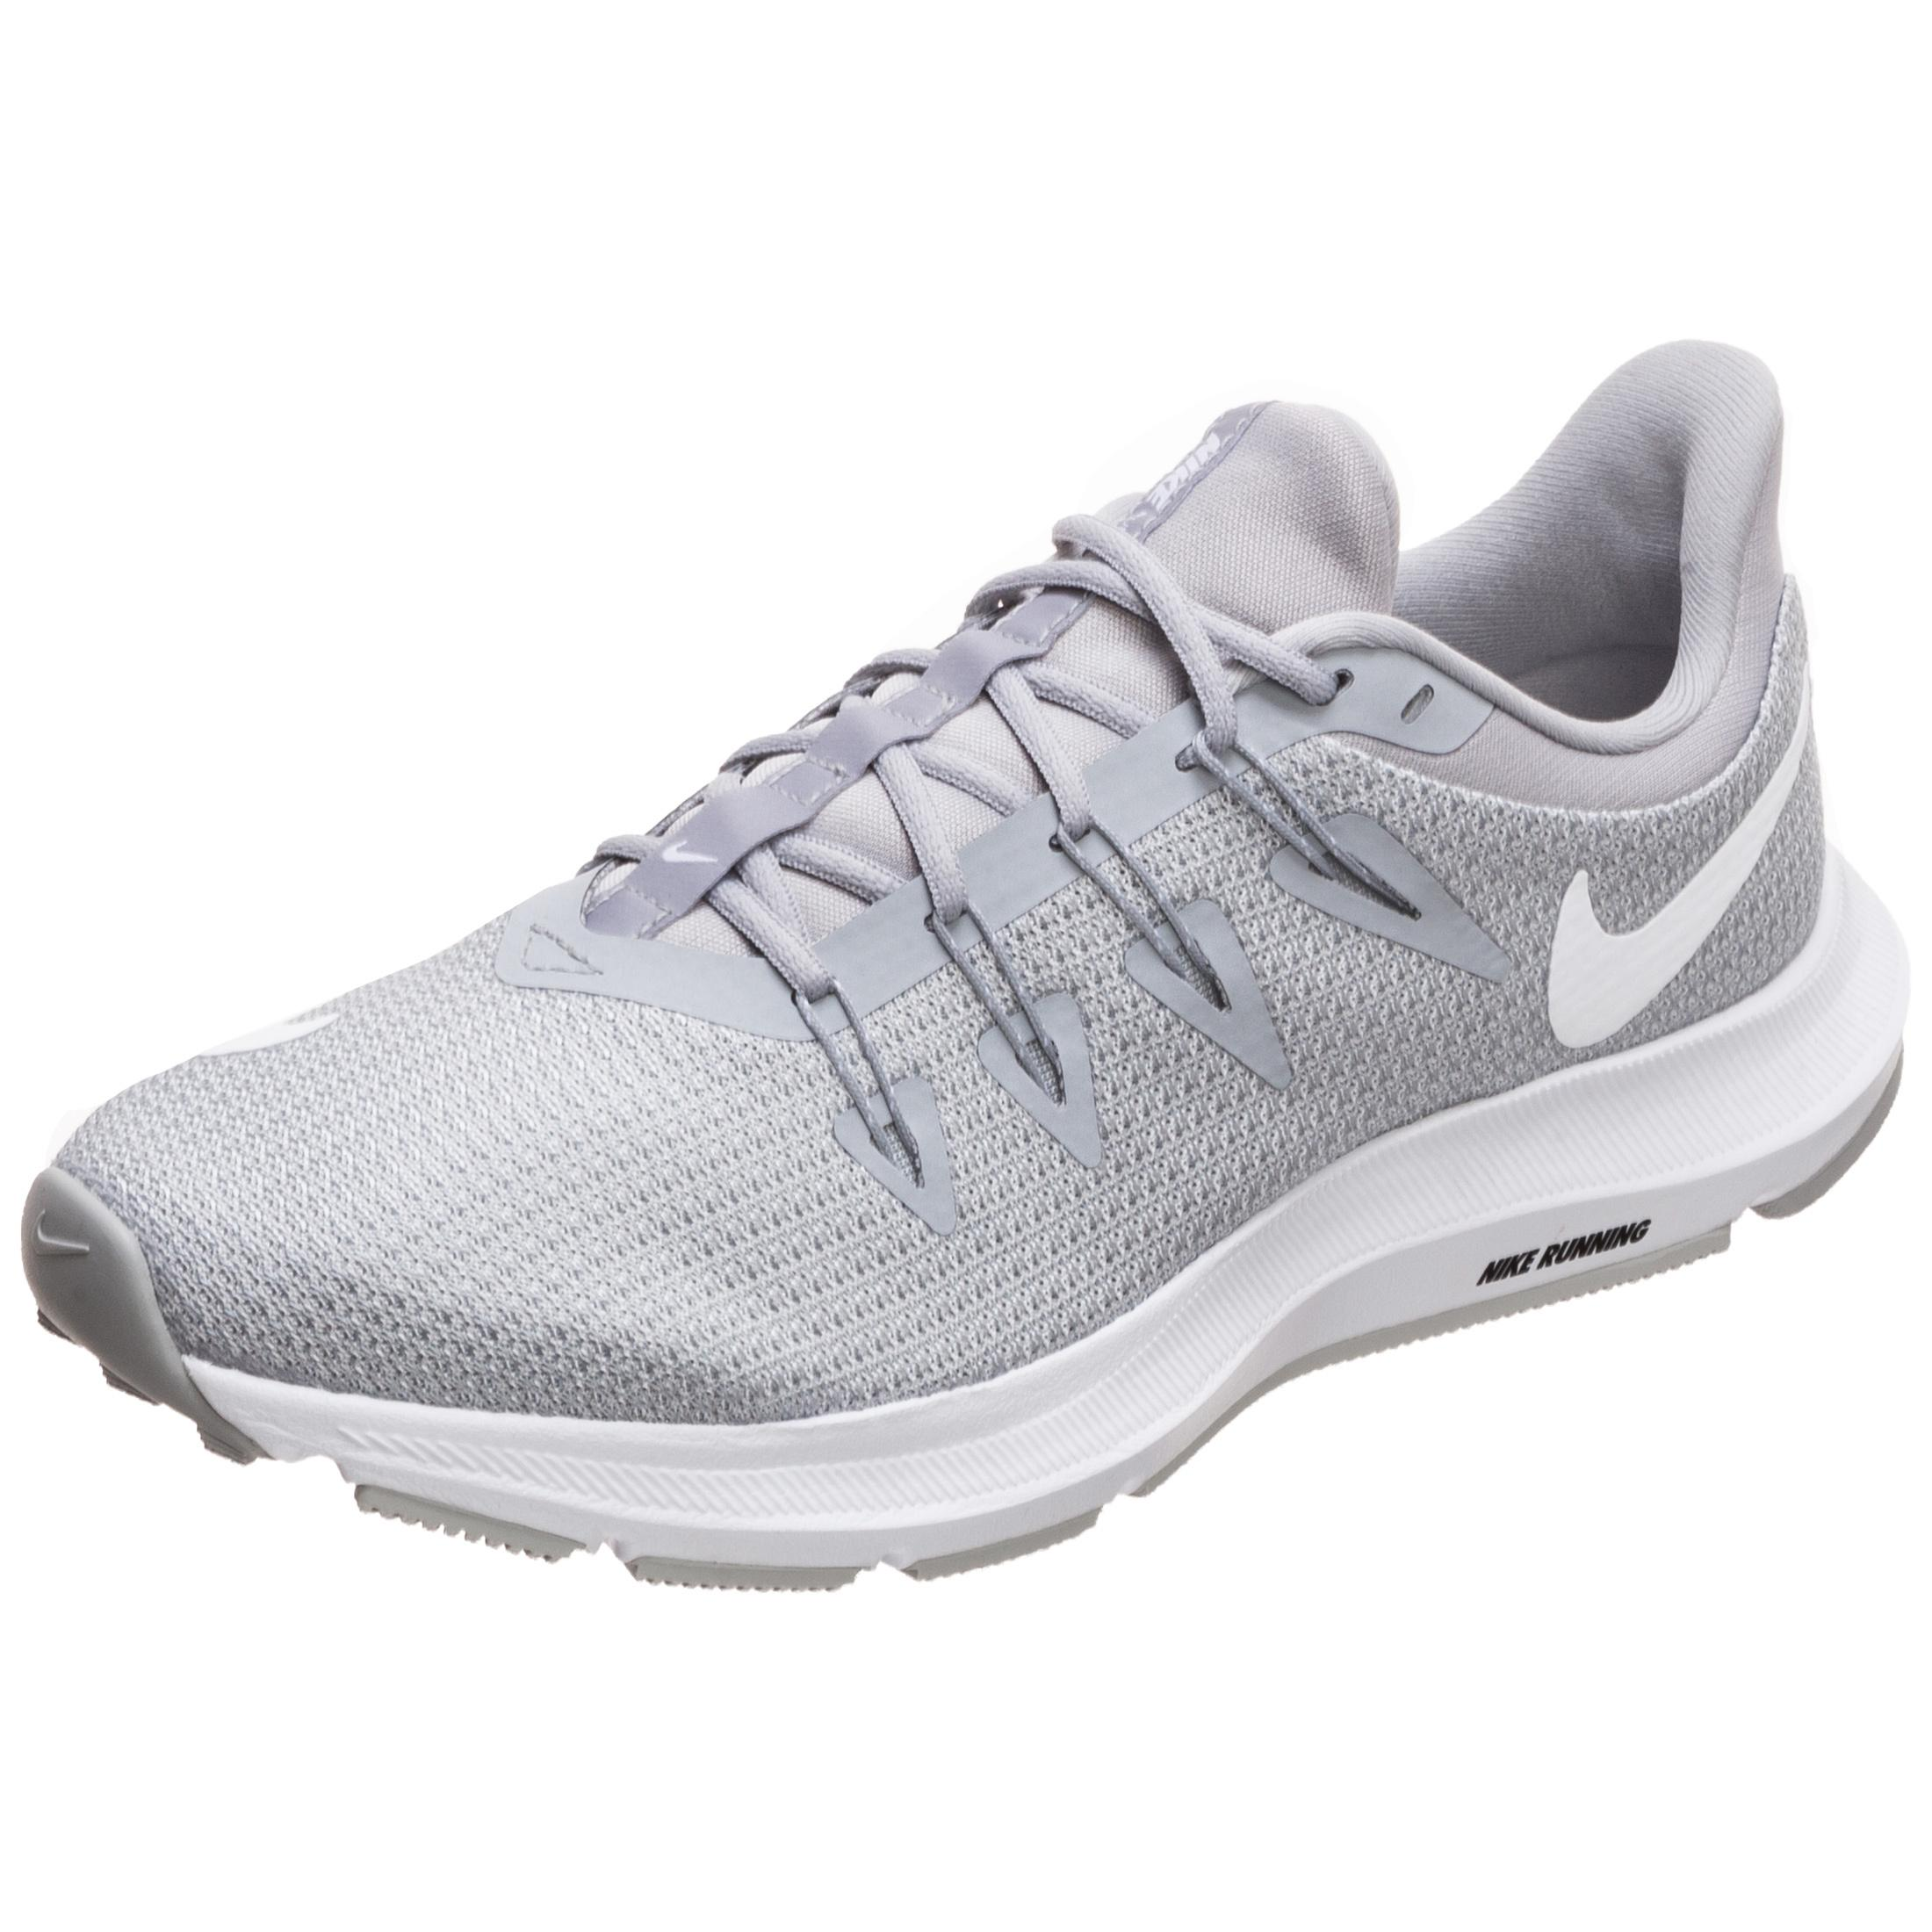 Nike Quest Laufschuhe Damen grau   weiß im Online Shop von SportScheck kaufen Gute Qualität beliebte Schuhe